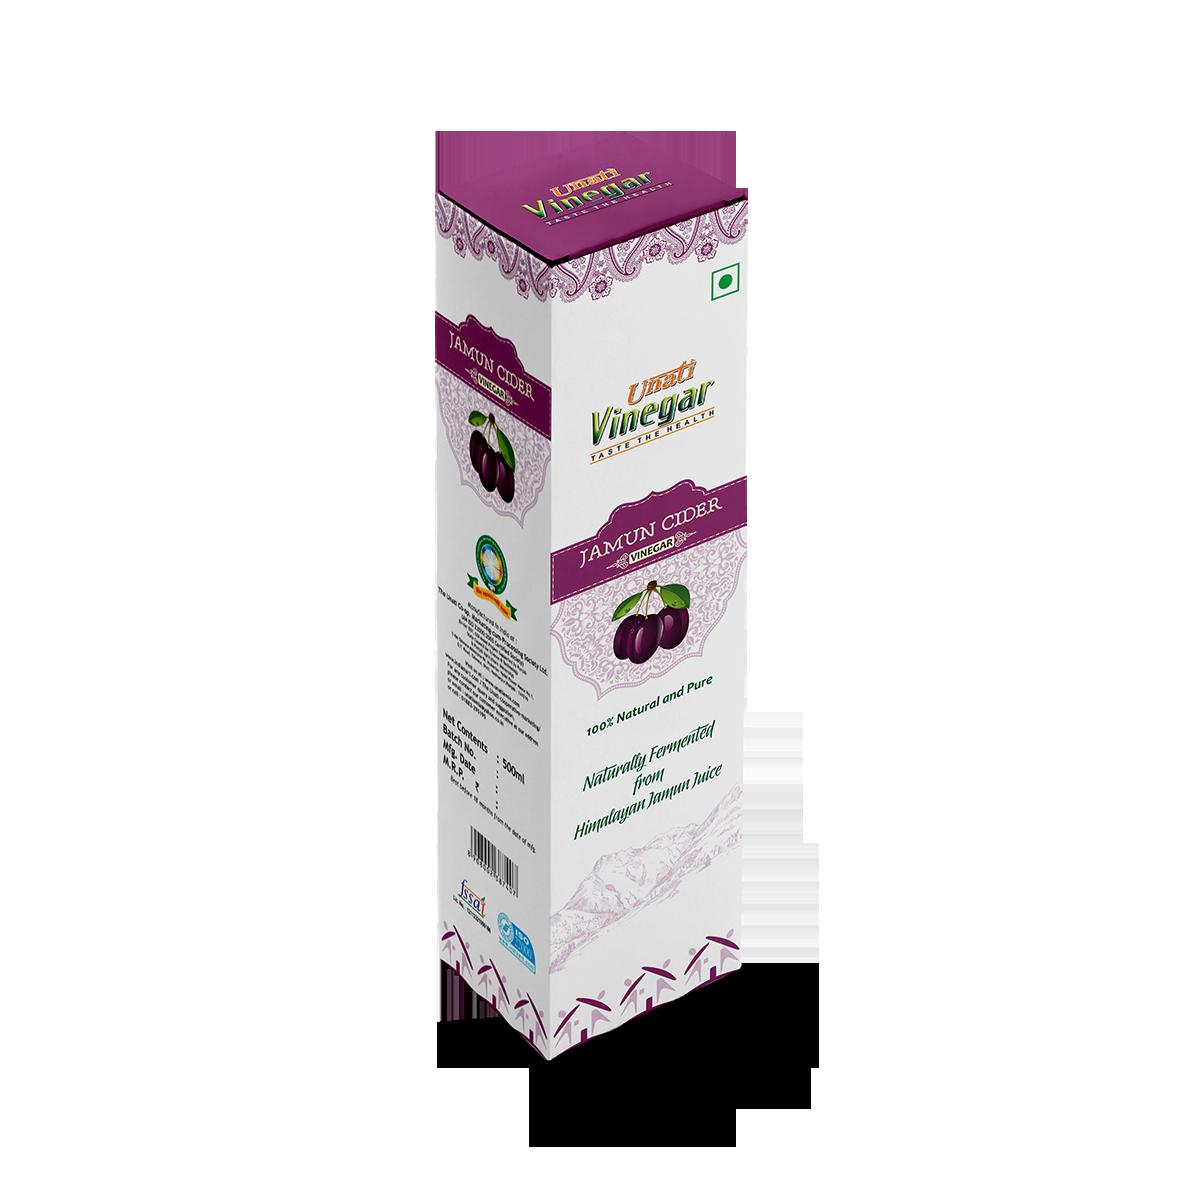 Organic Jamun Vinegar